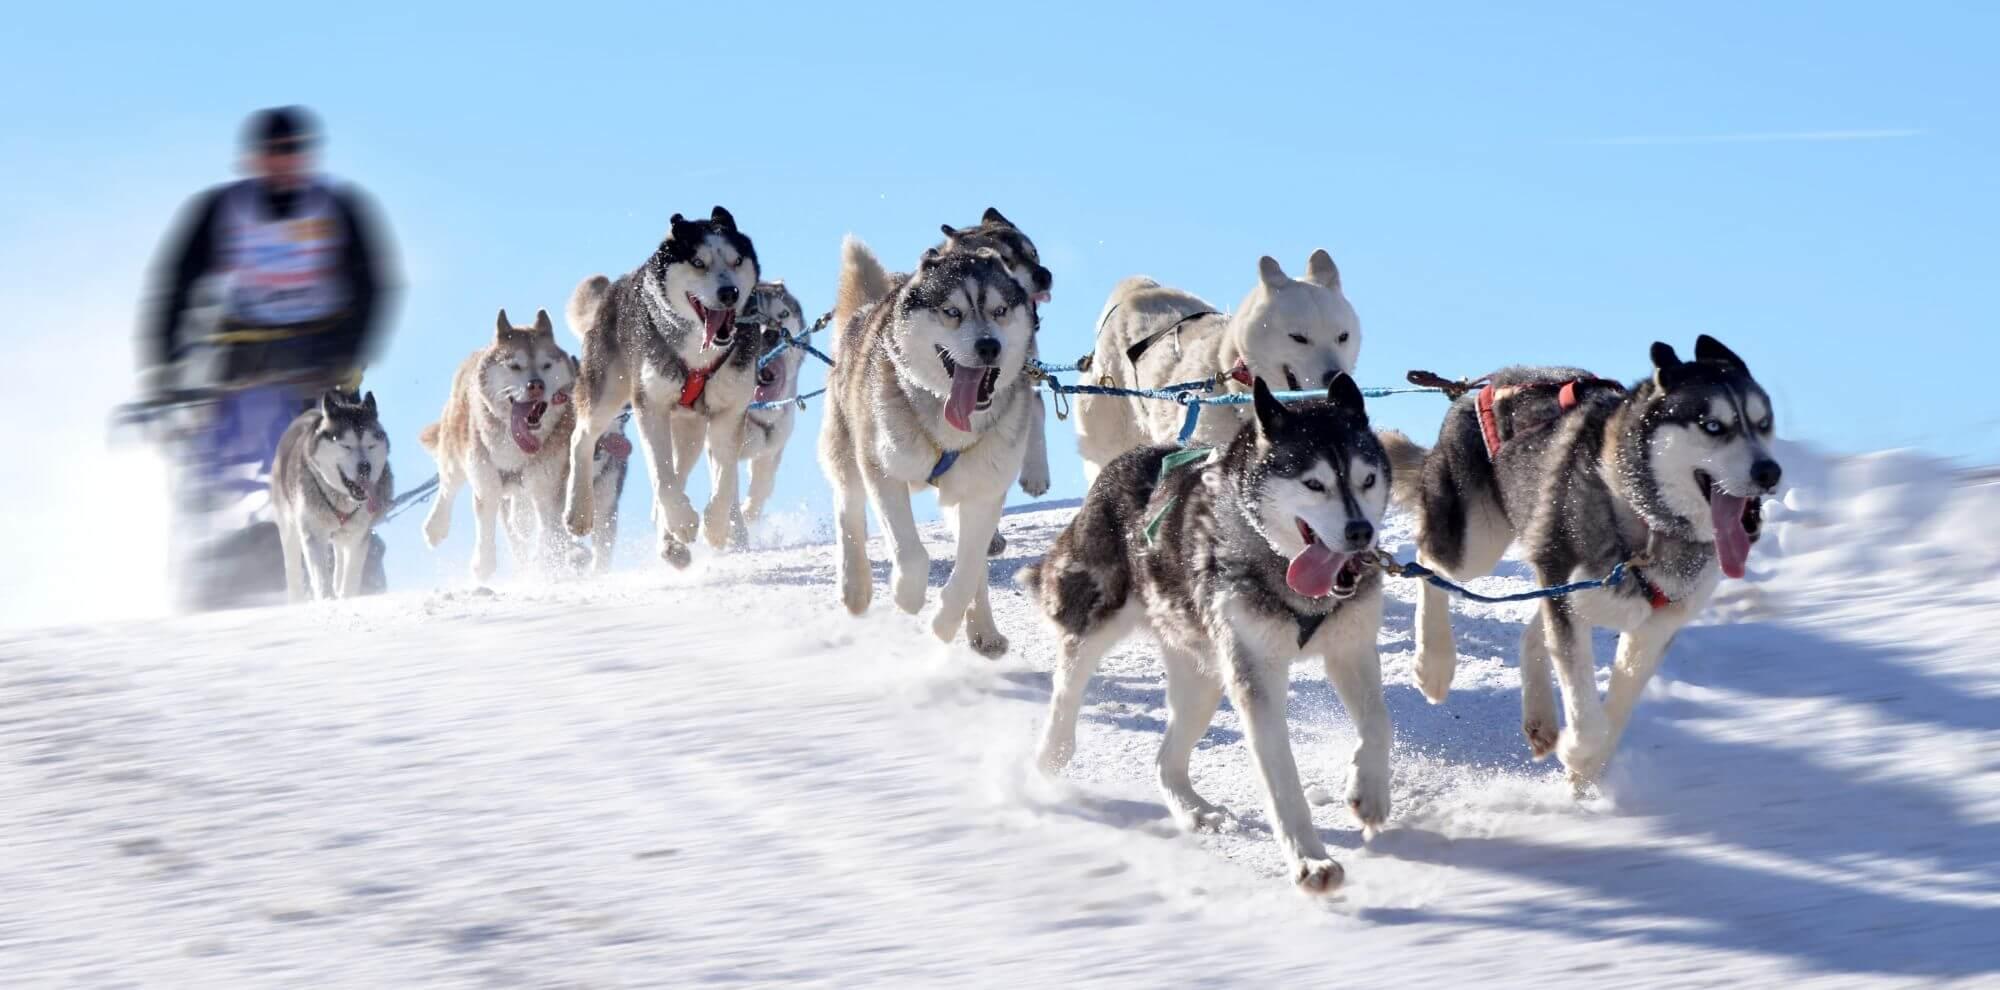 כלבי האסקי מושכים מזחלת על השלג - מובילי דיעה